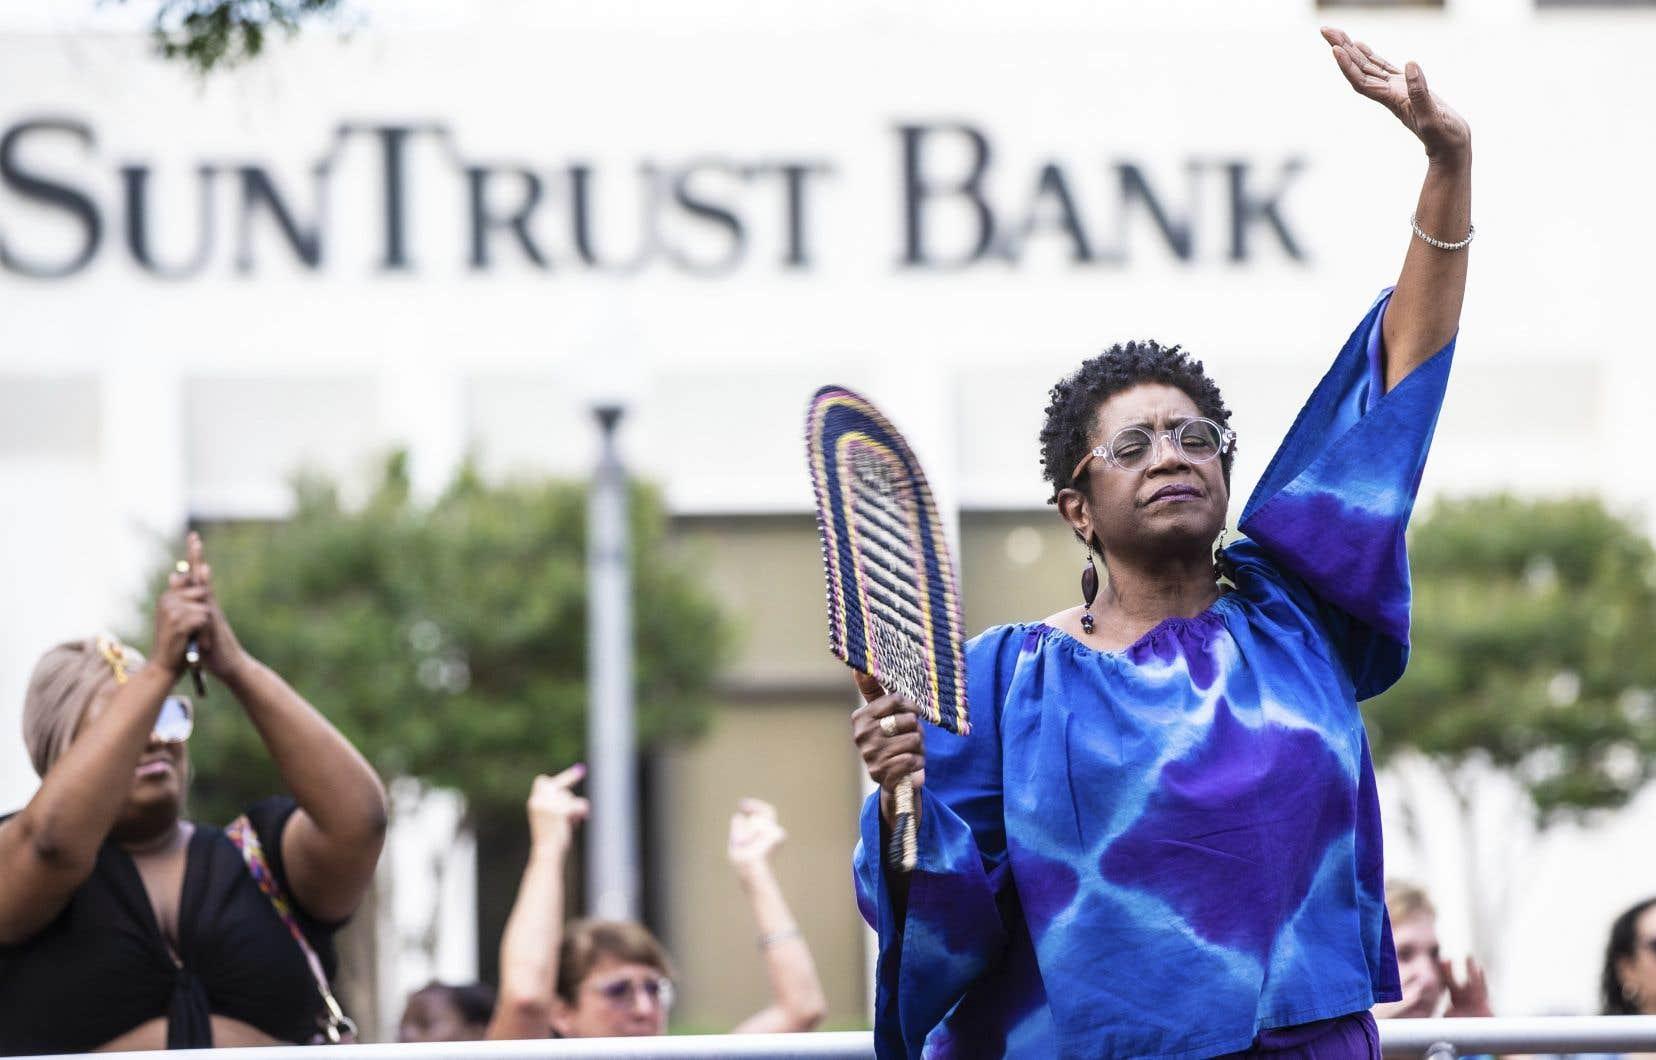 La mobilisation a contribué, entre autres, à renforcer considérablement la visibilité de «Juneteenth», dont beaucoup d'Américains, y compris afro-américains, ignoraient l'existence il y a encore deux ans.